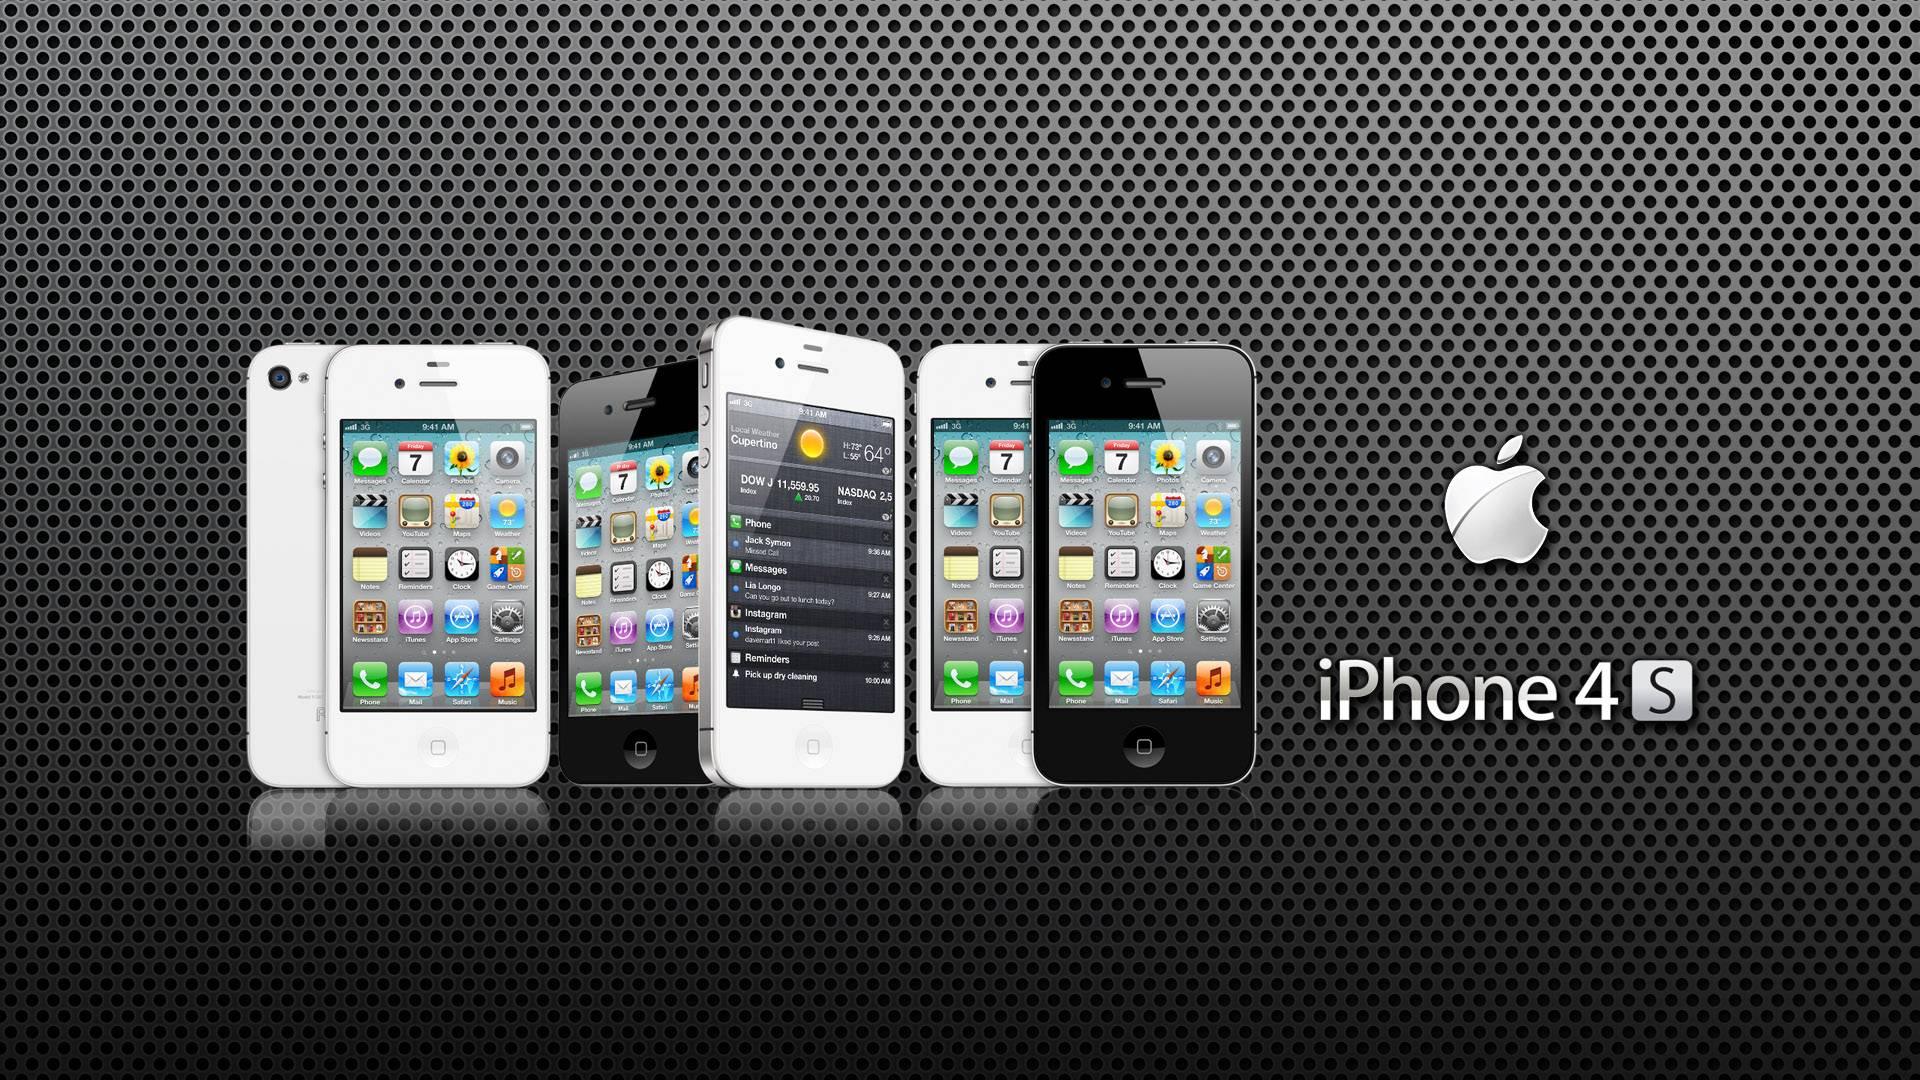 iPhone 4s wallpaper   716691 1920x1080